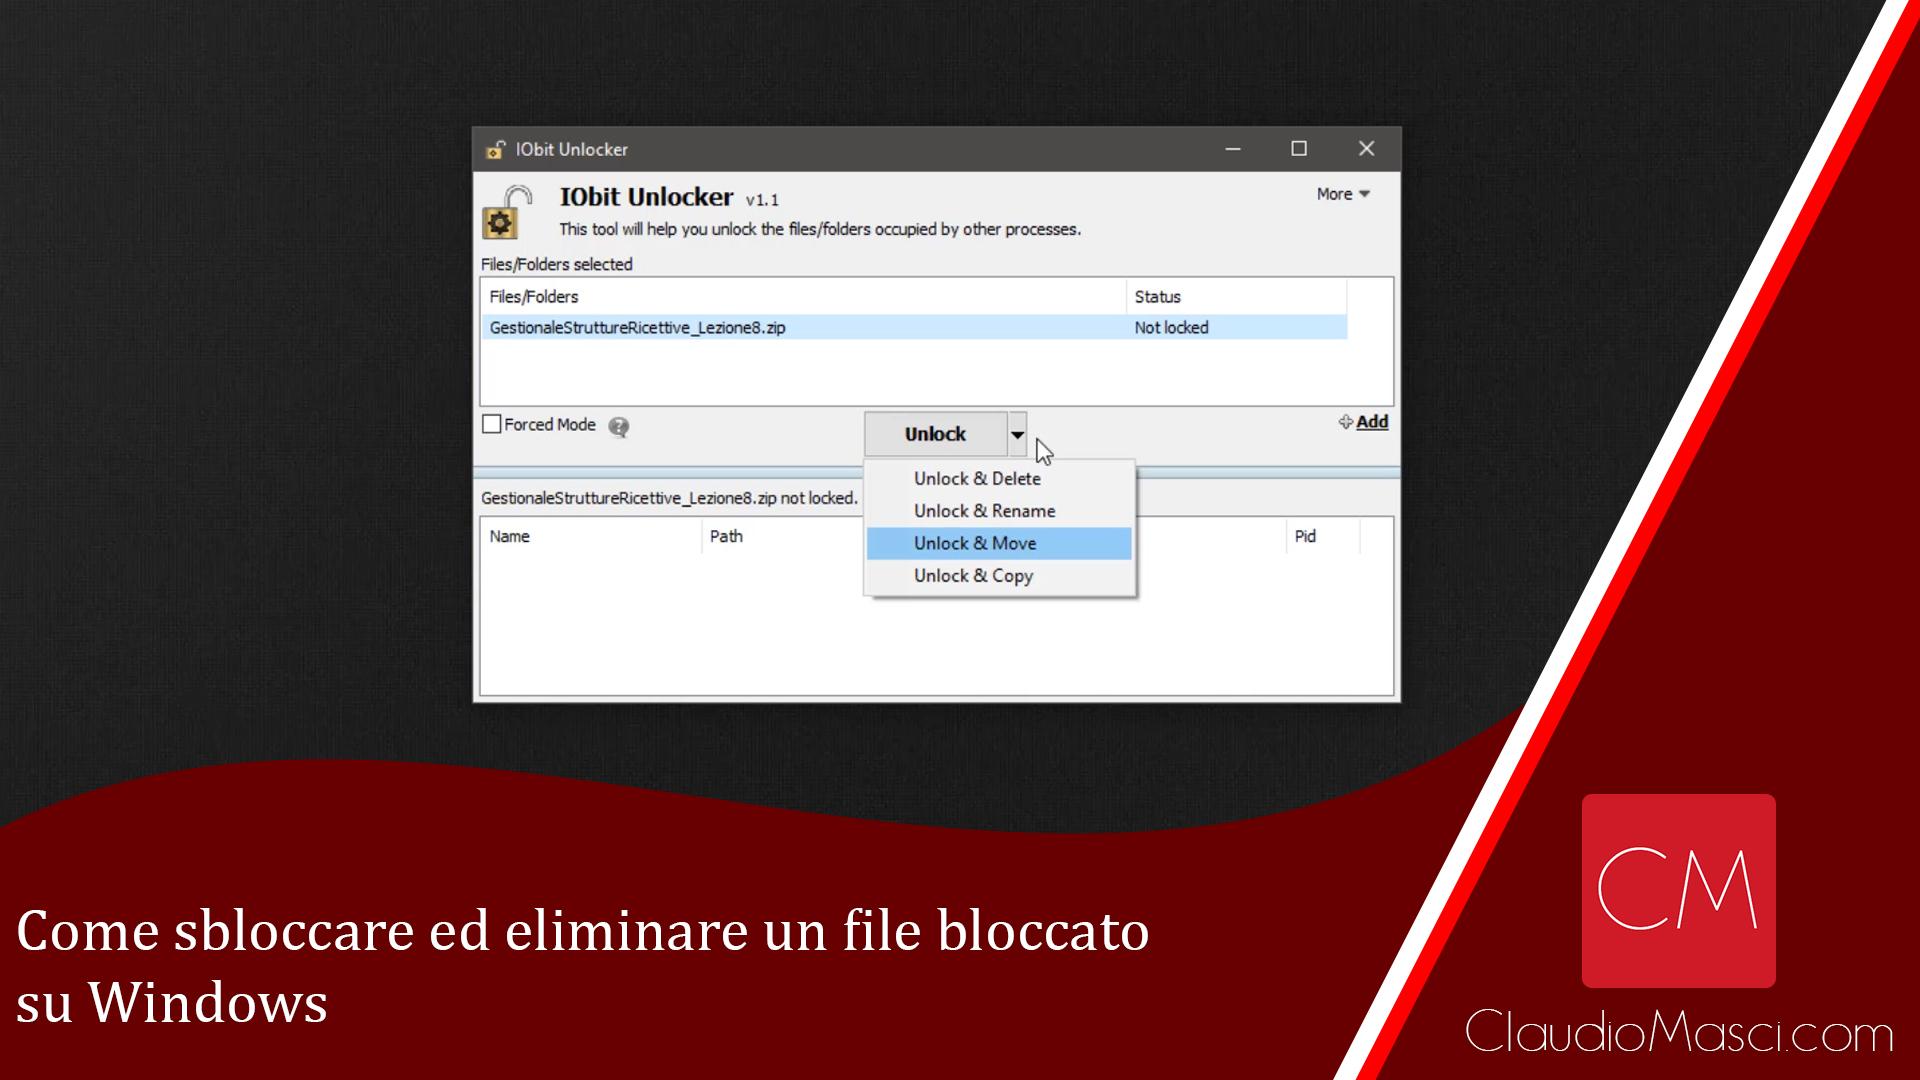 Come sbloccare ed eliminare un file bloccato su Windows